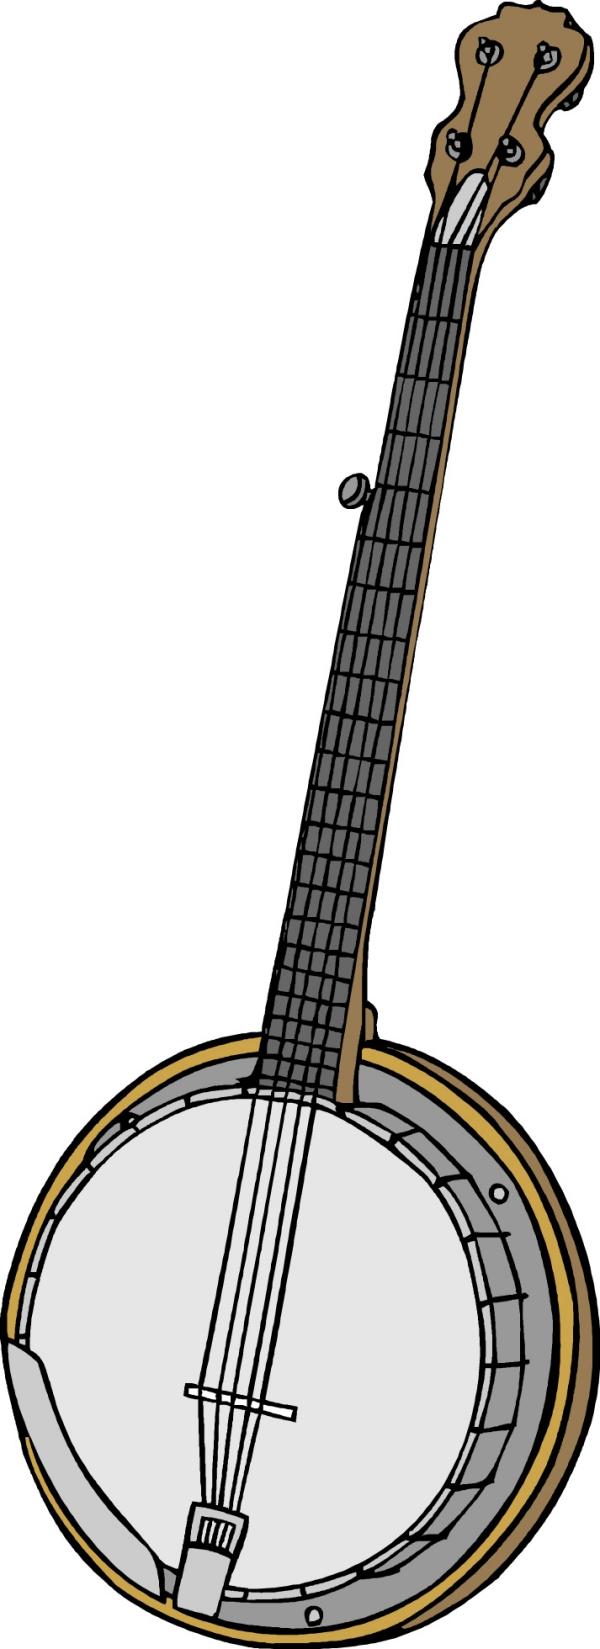 苗族乐器手绘图